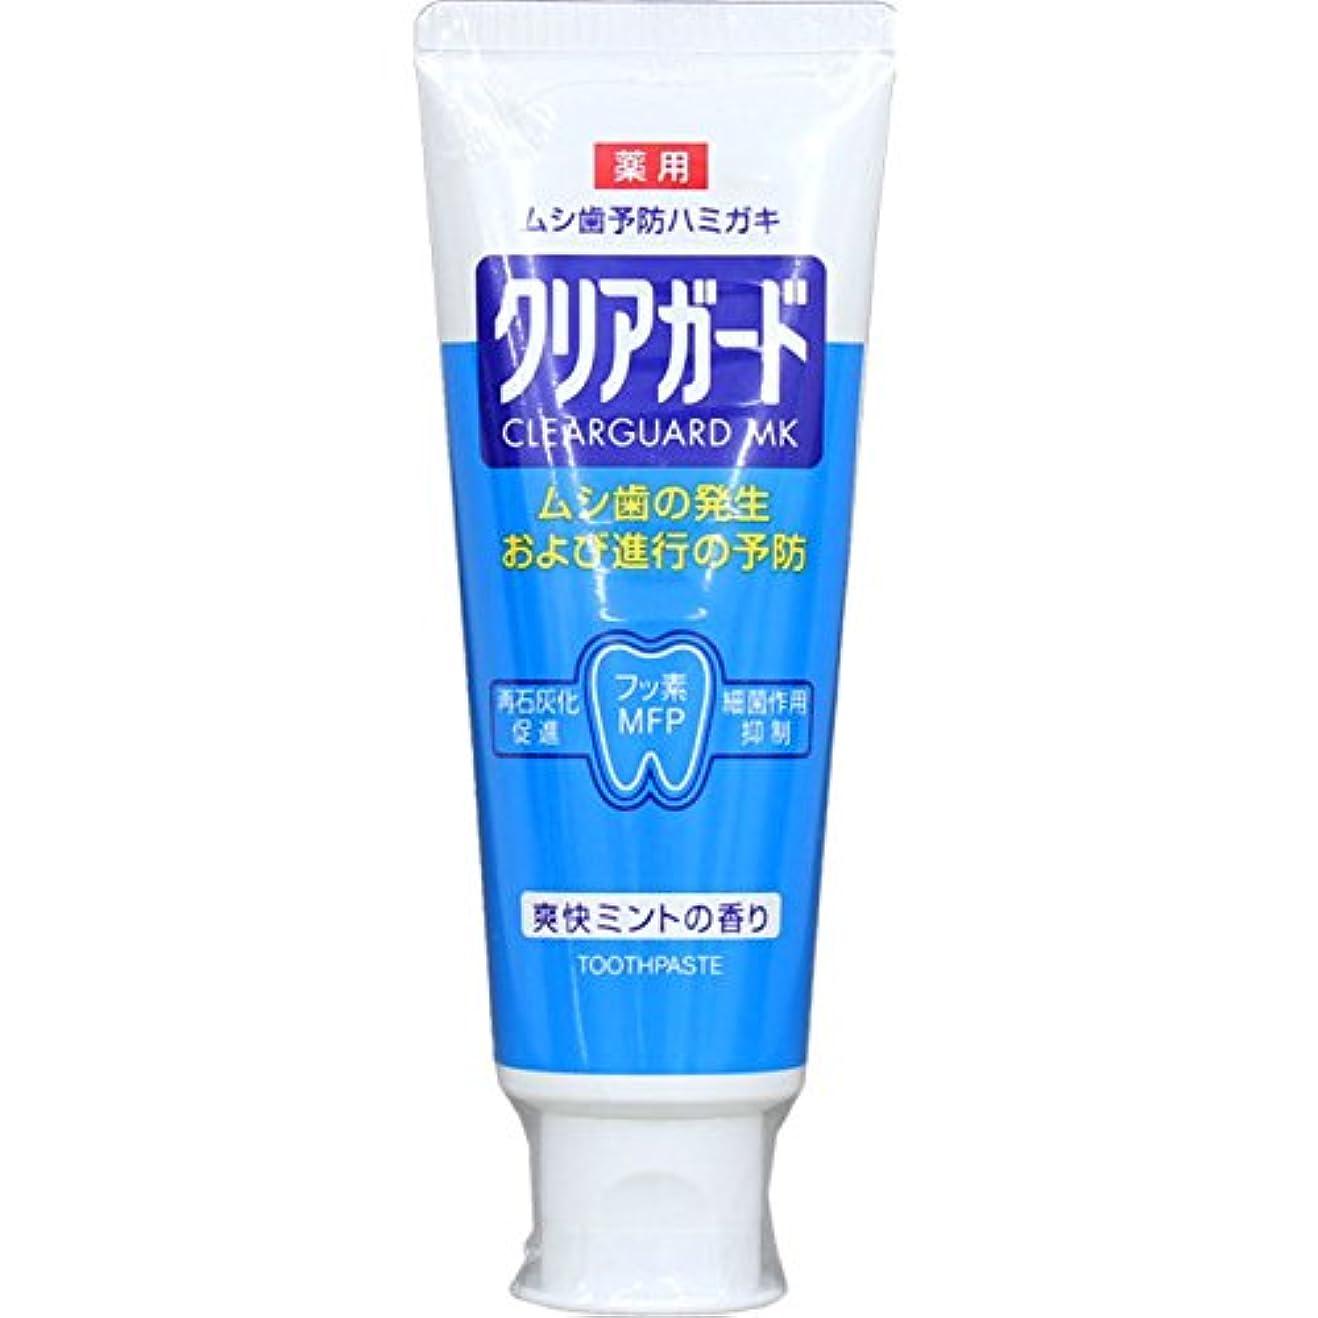 落ち着いた征服者乙女MK 薬用クリアガード 160g (医薬部外品)